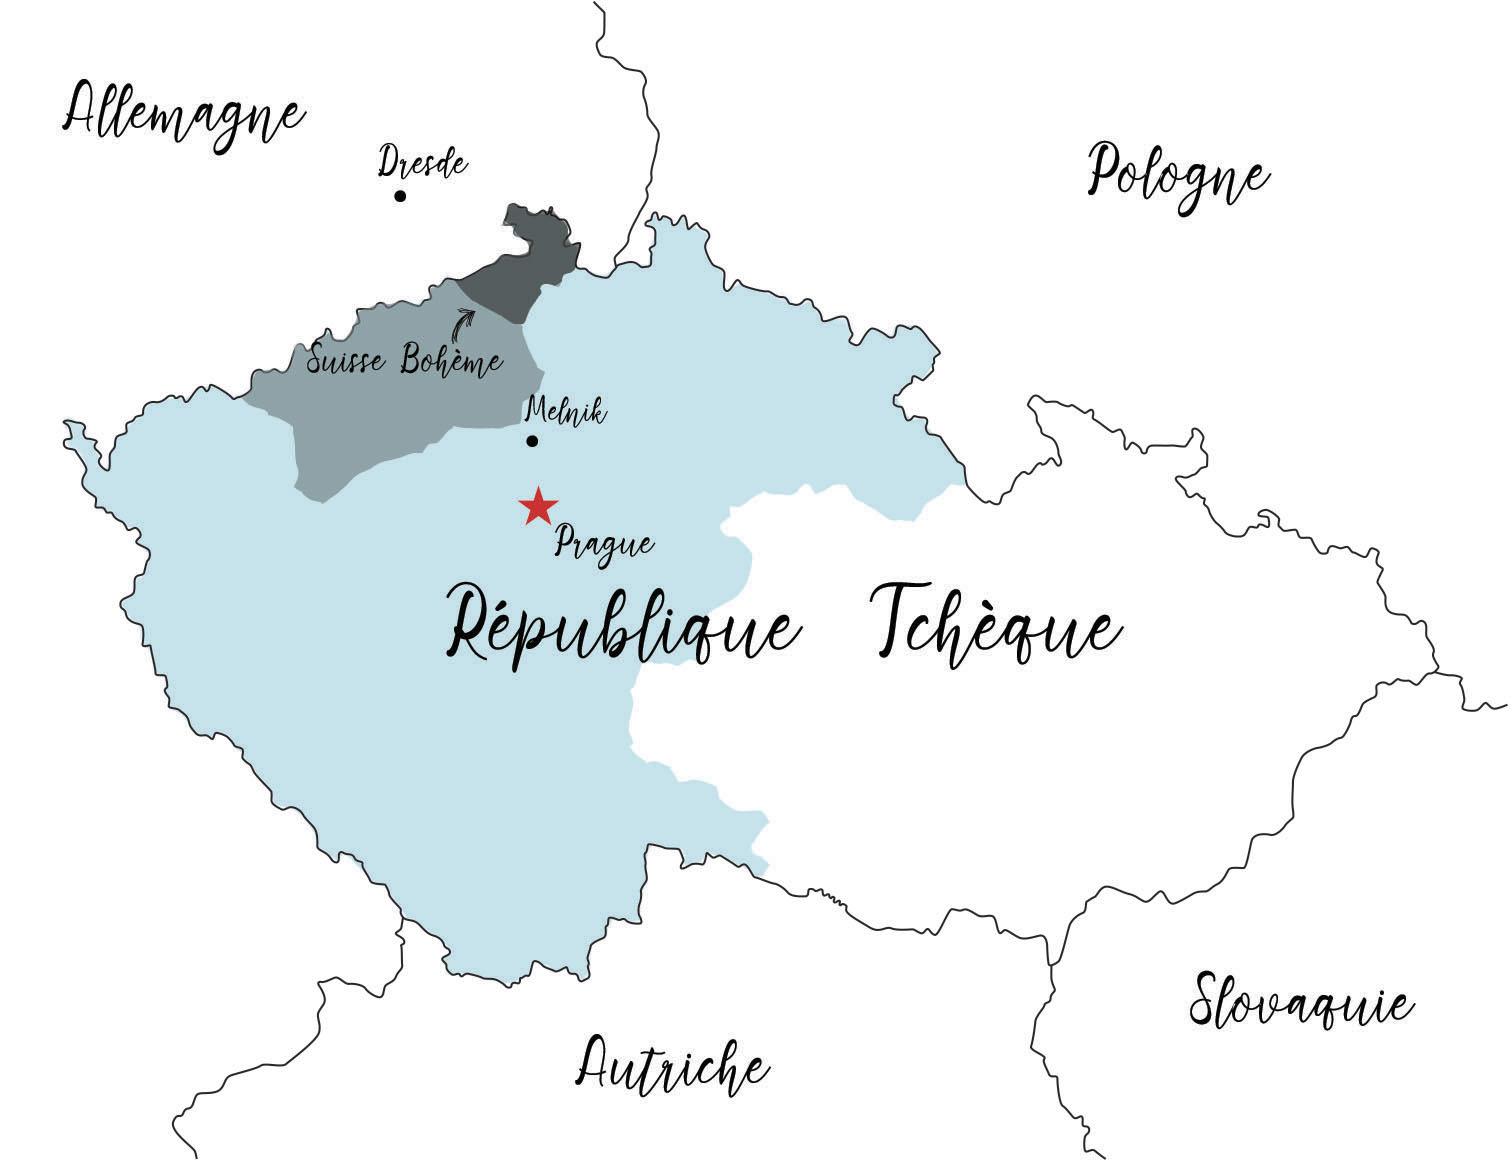 Suisse Bohème carte république tchèque